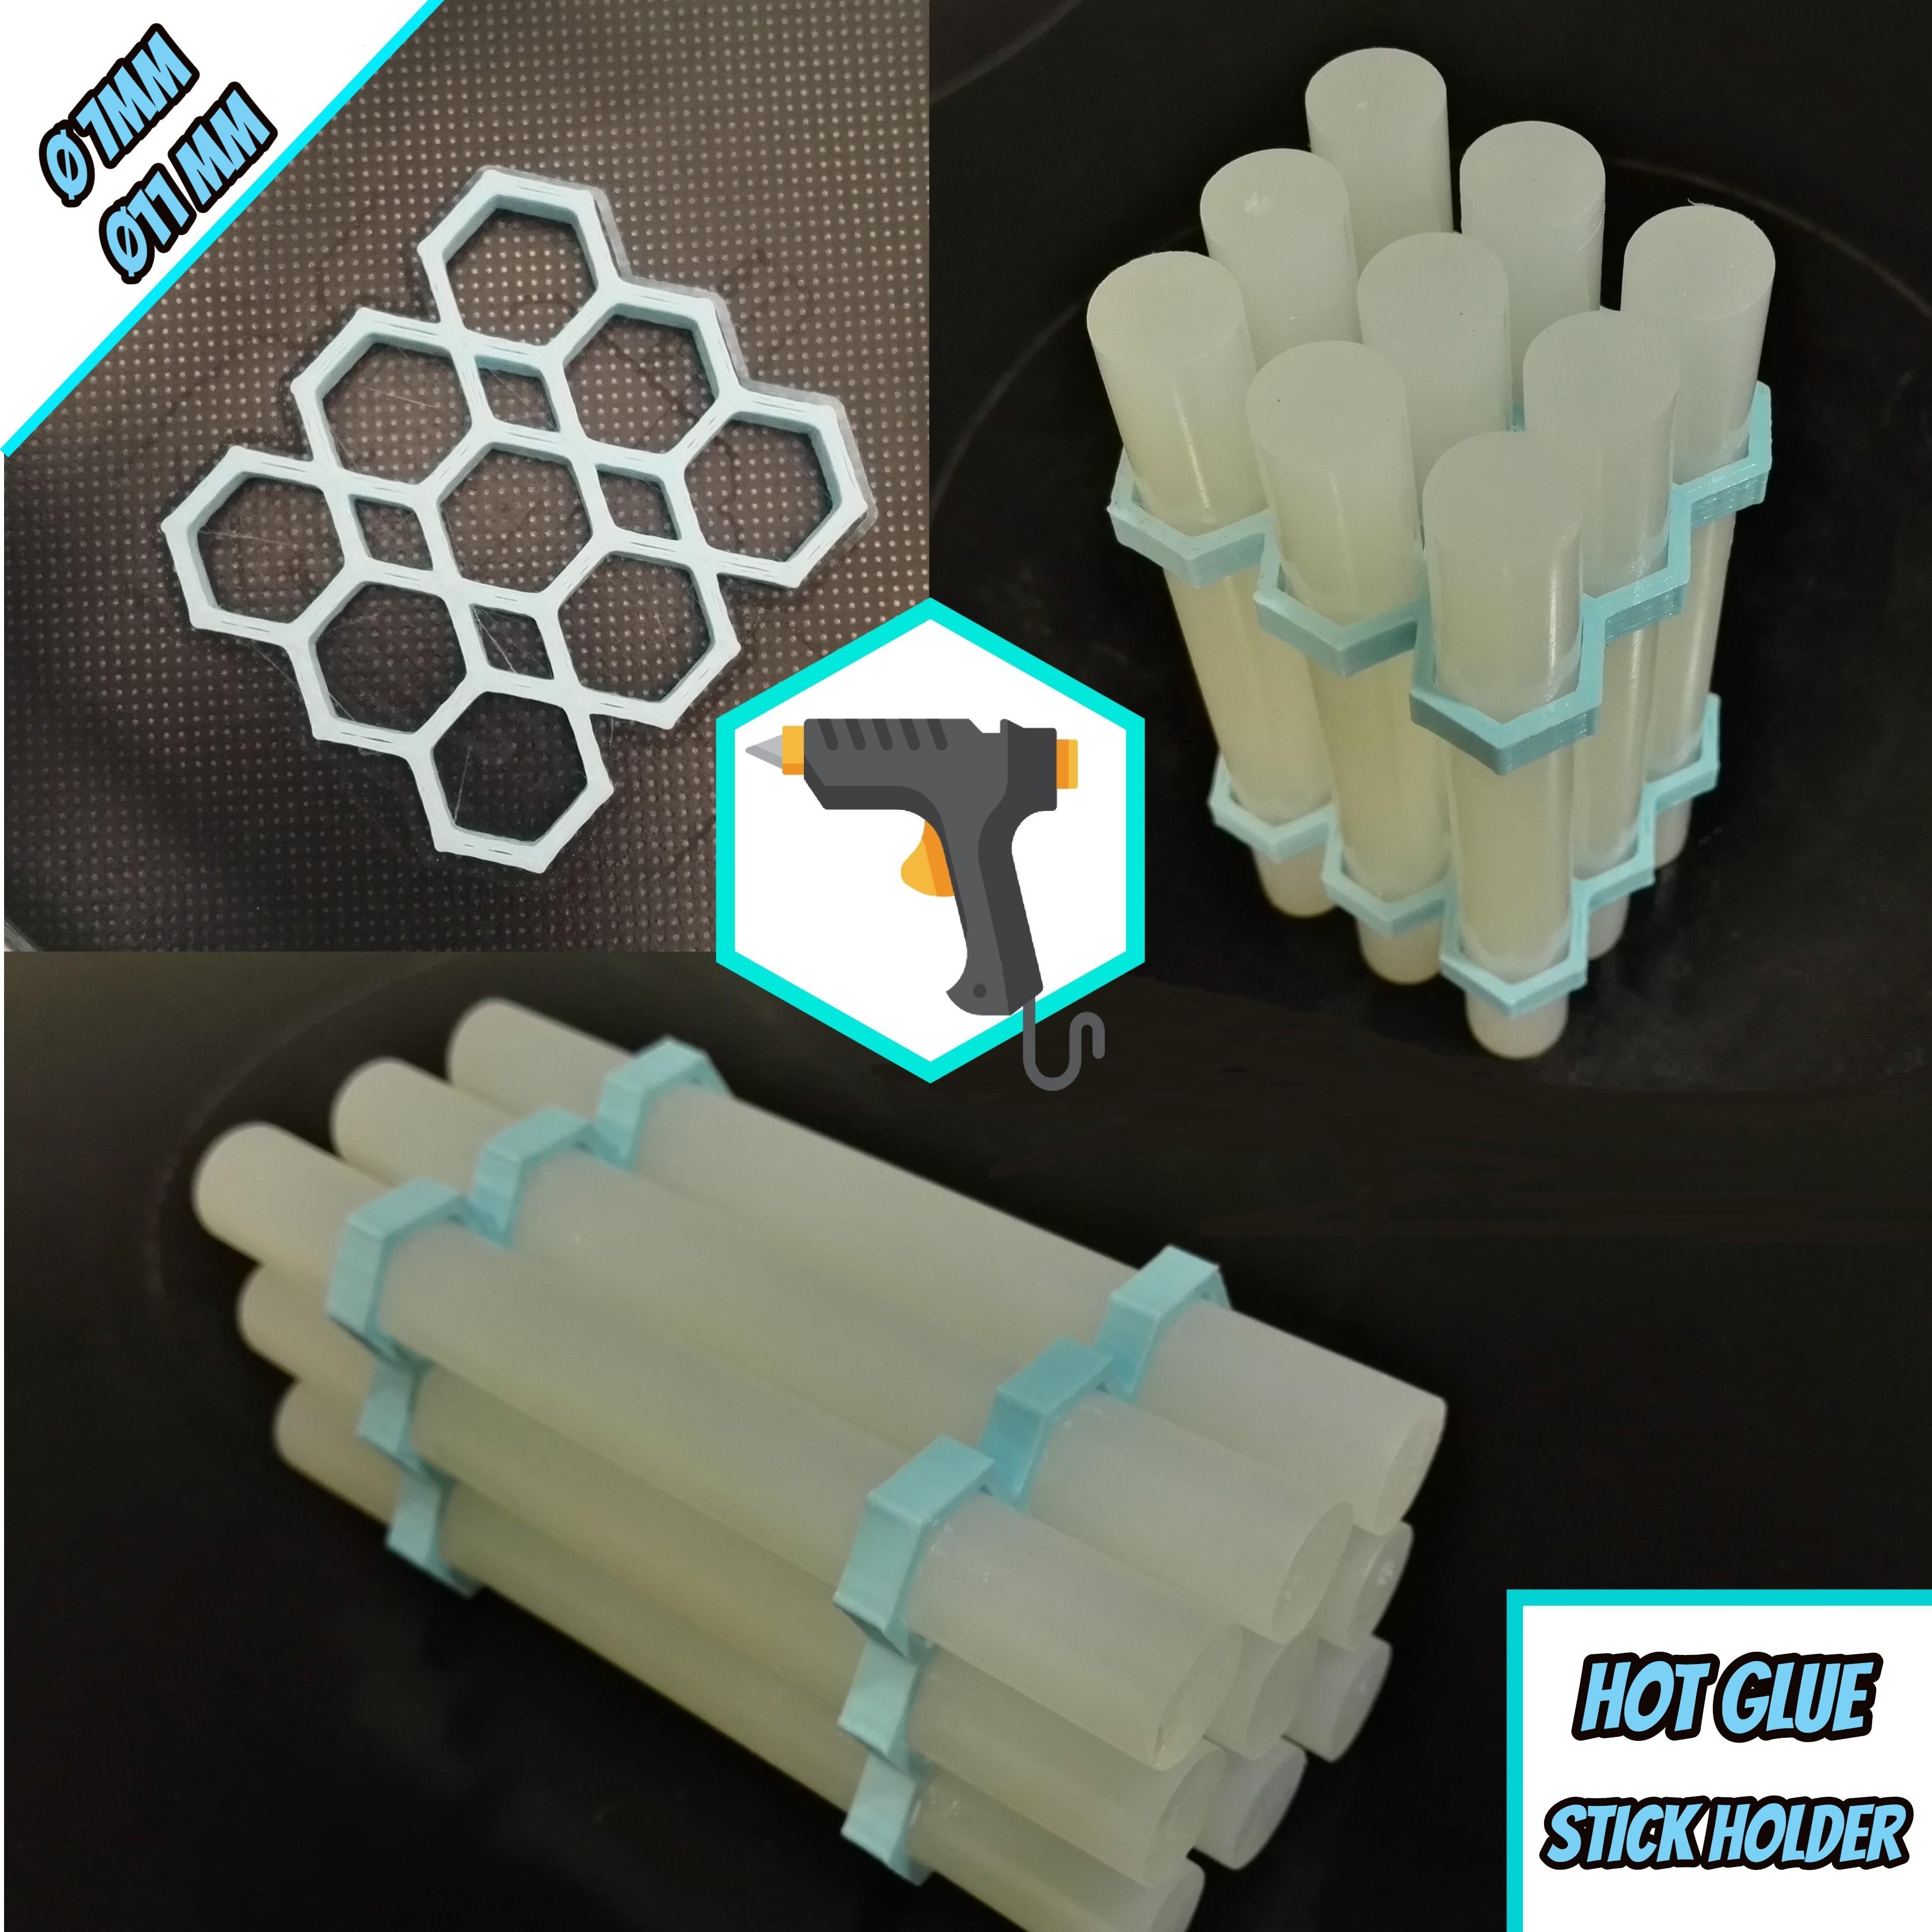 Foto_1.jpg Télécharger fichier STL gratuit Support modulaire pour bâton de colle chaude • Objet à imprimer en 3D, Ingenioso3D